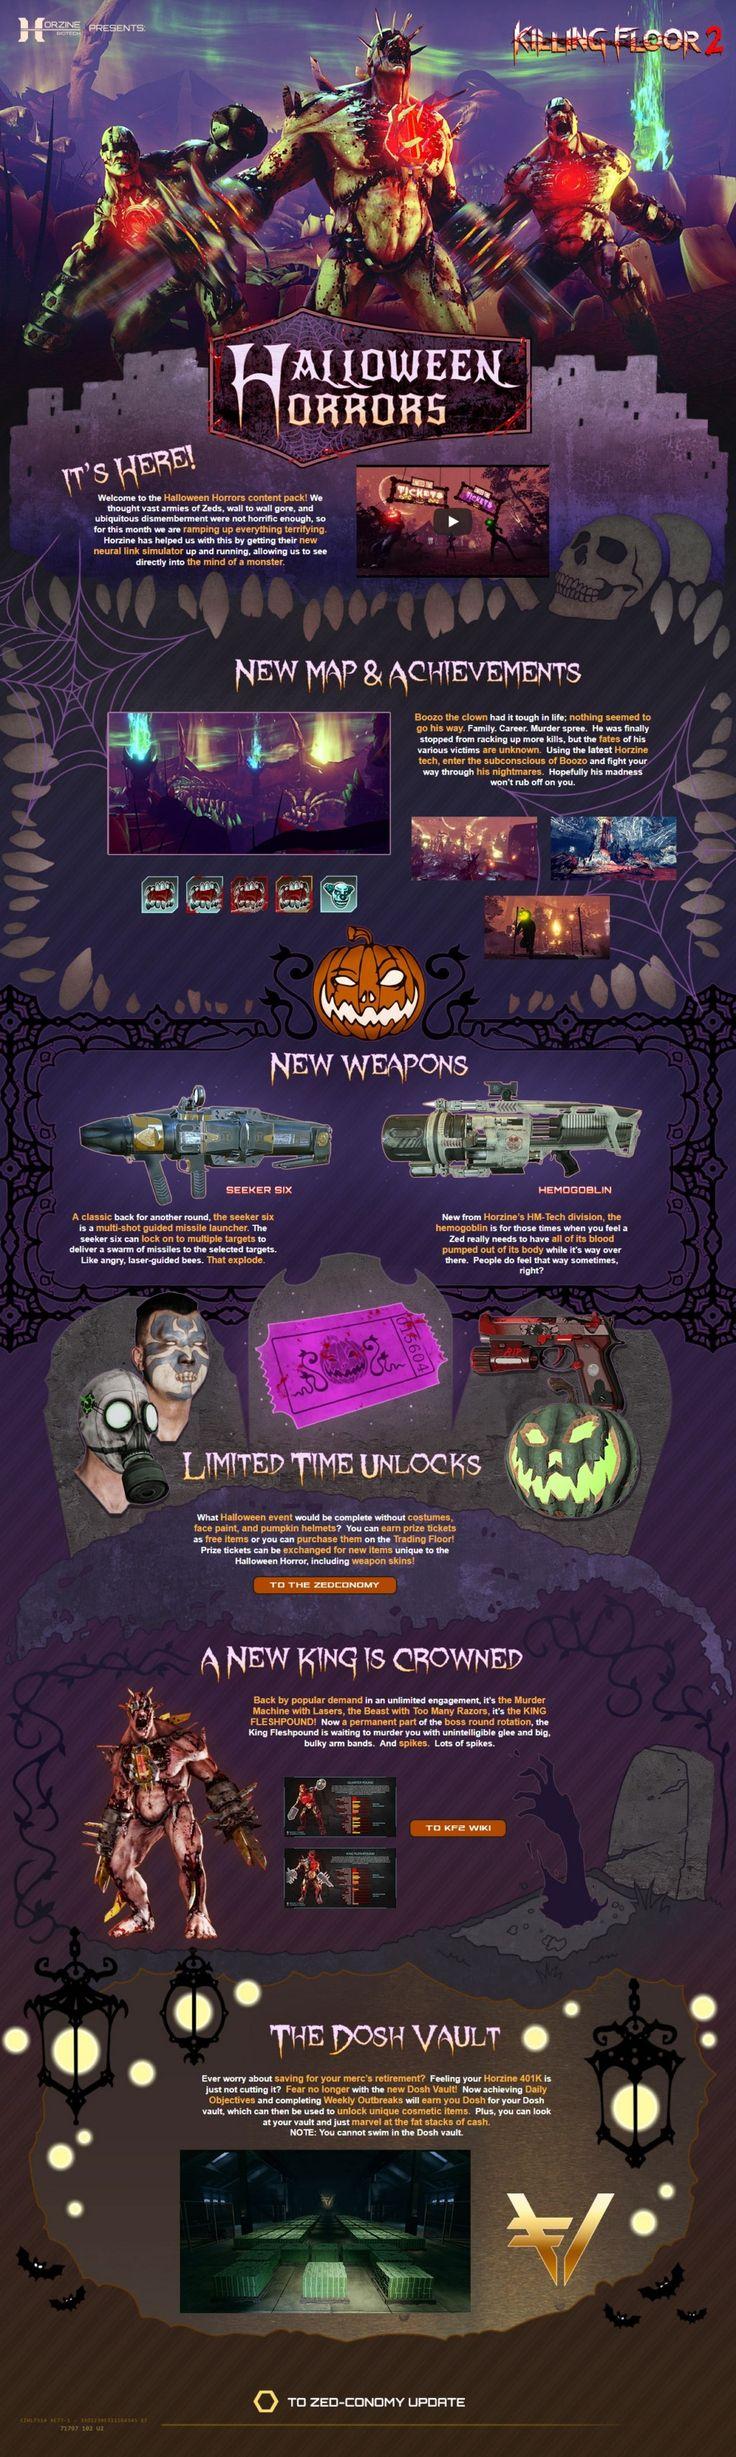 Für Killing Floor 2 kann bald ein kostenloses Halloween-Update heruntergeladen werden.